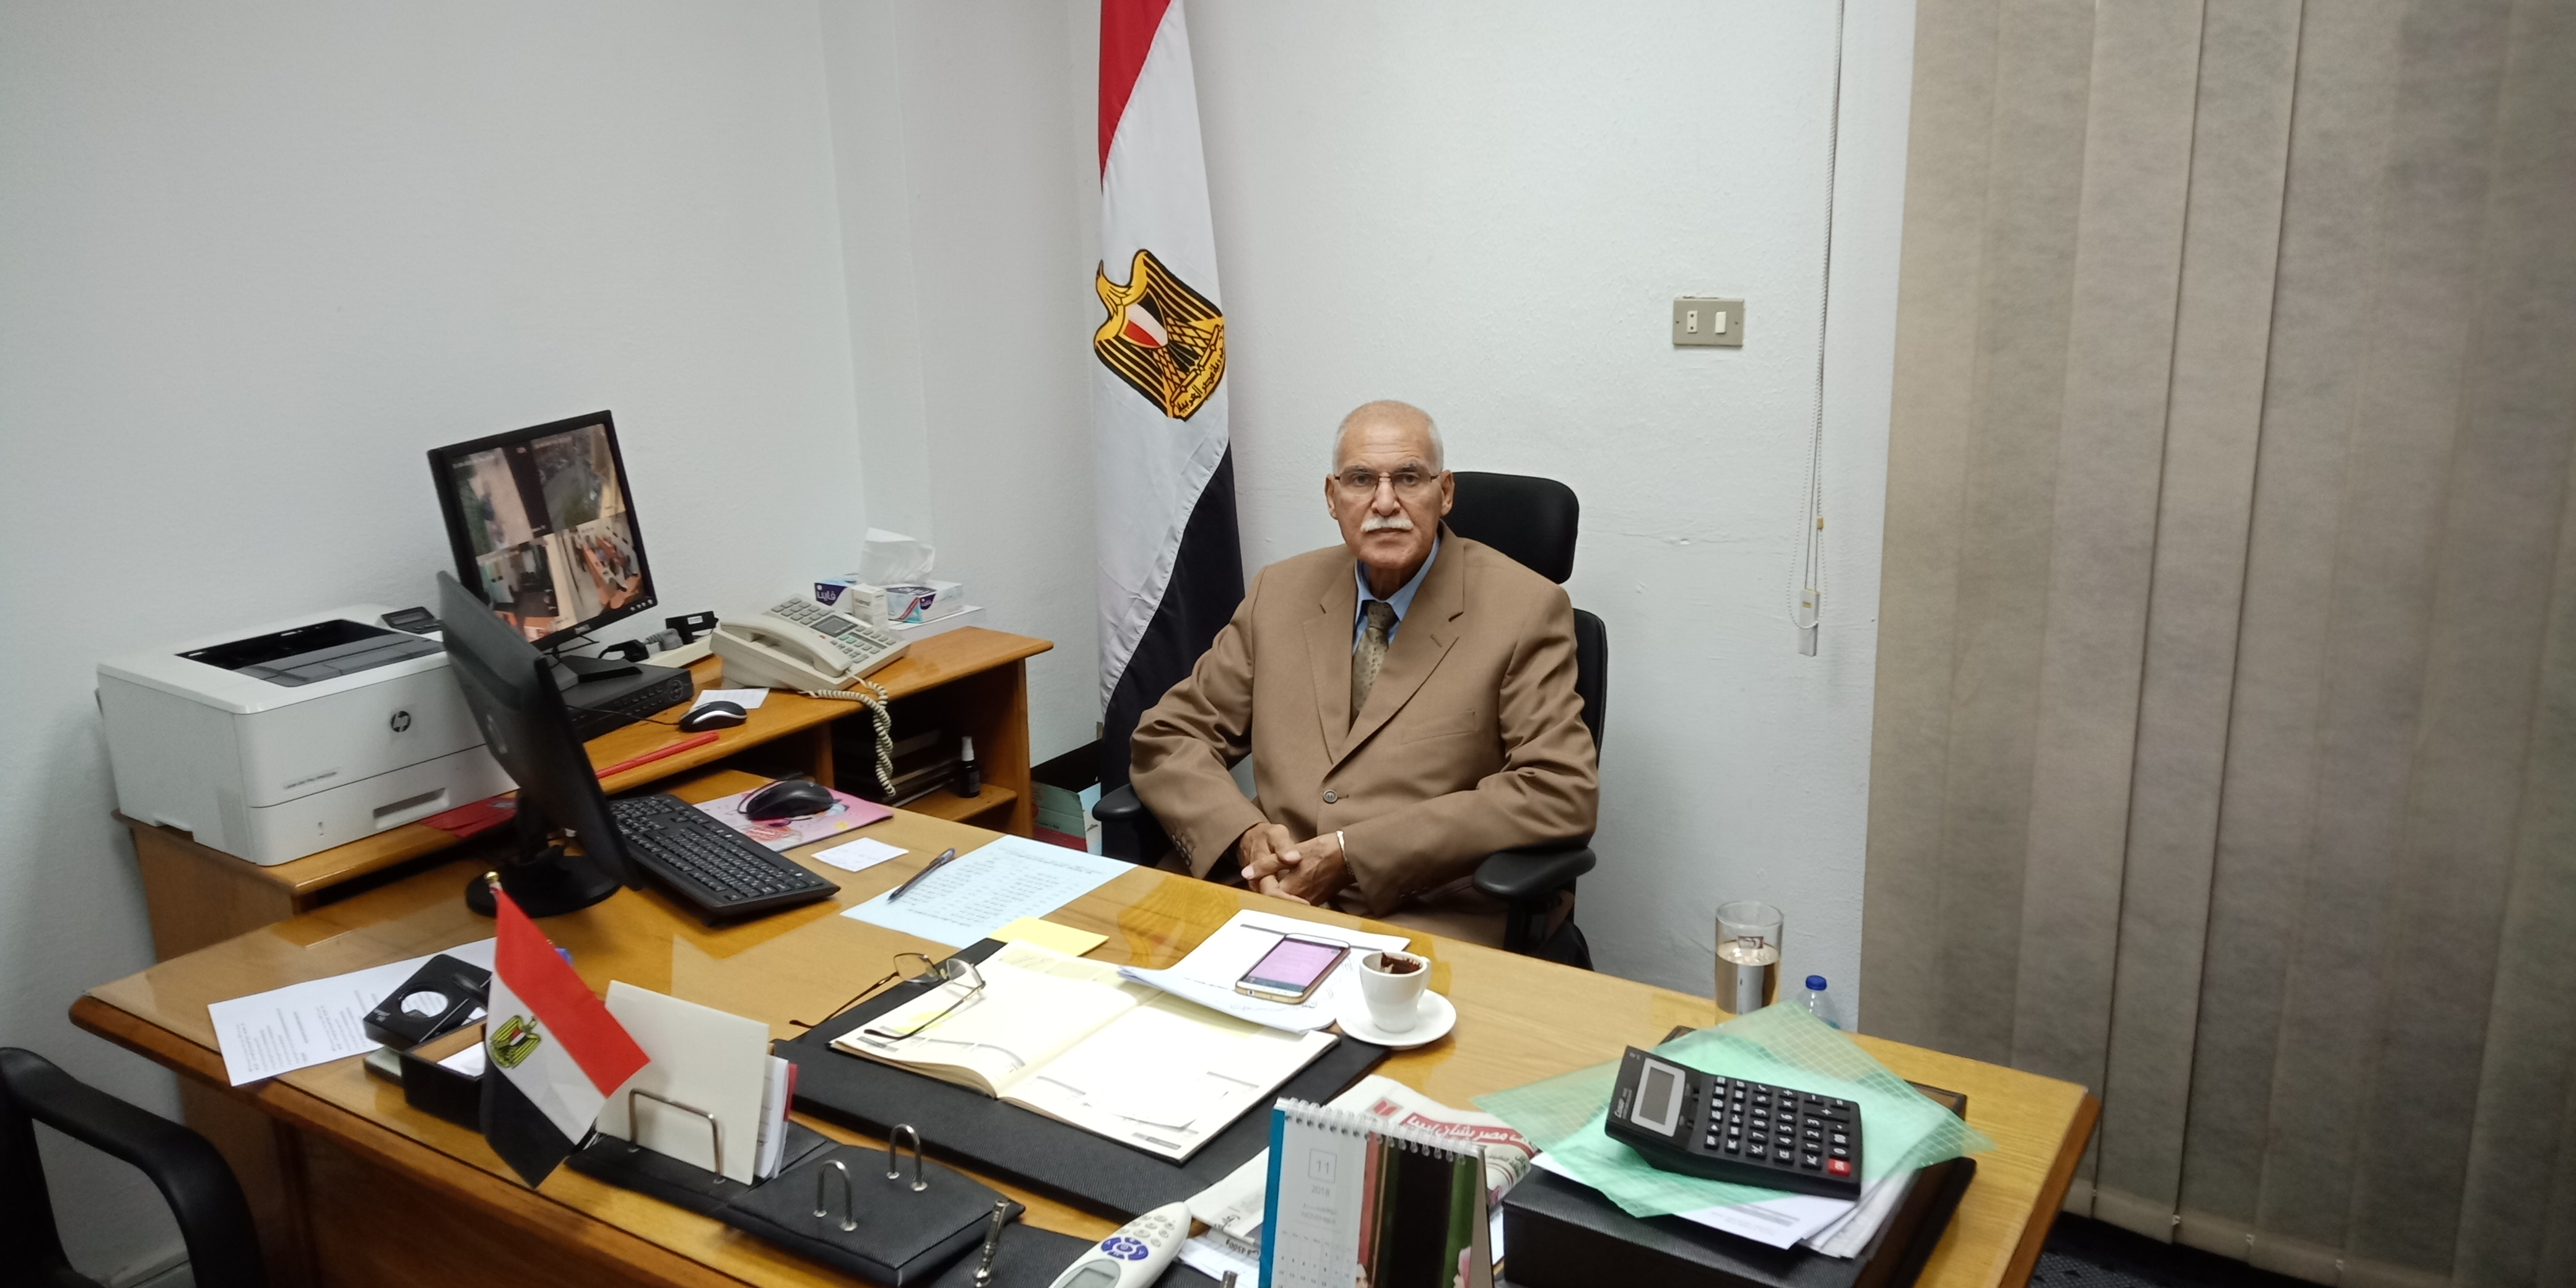 رئيس فرع جهاز تنمية المشروعات الصغيرة بالقليوبية (3)